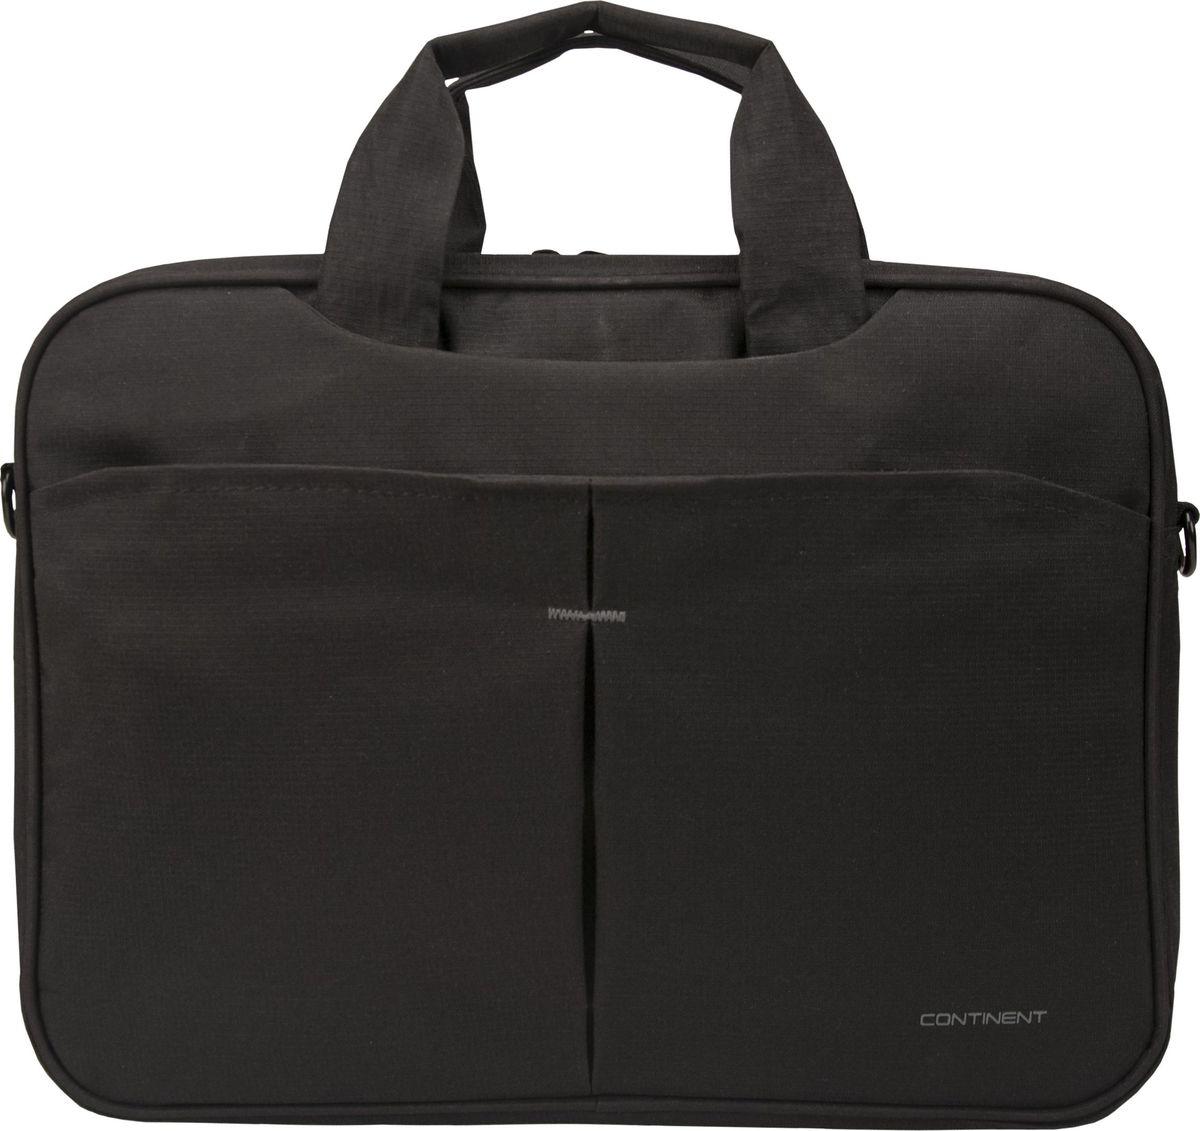 Continent CC-014, Black сумка для ноутбука 13,300-5000354Continent CC-014 - удобная и практичная сумка, предназначенная для переноски ноутбука. Она пригодится всем, кто много времени проводит в деловых командировках и туристических путешествиях, часто возит с собой мобильный компьютер, чтобы работать и развлекаться во время поездки.Сумка изготовлена из устойчивого к износу материала, снабжена удобной ручкой и плечевым ремнем. Ее создатели предусмотрели дополнительные карманы, в которых можно хранить аксессуары для ноутбука, документы, различные полезные мелочи.